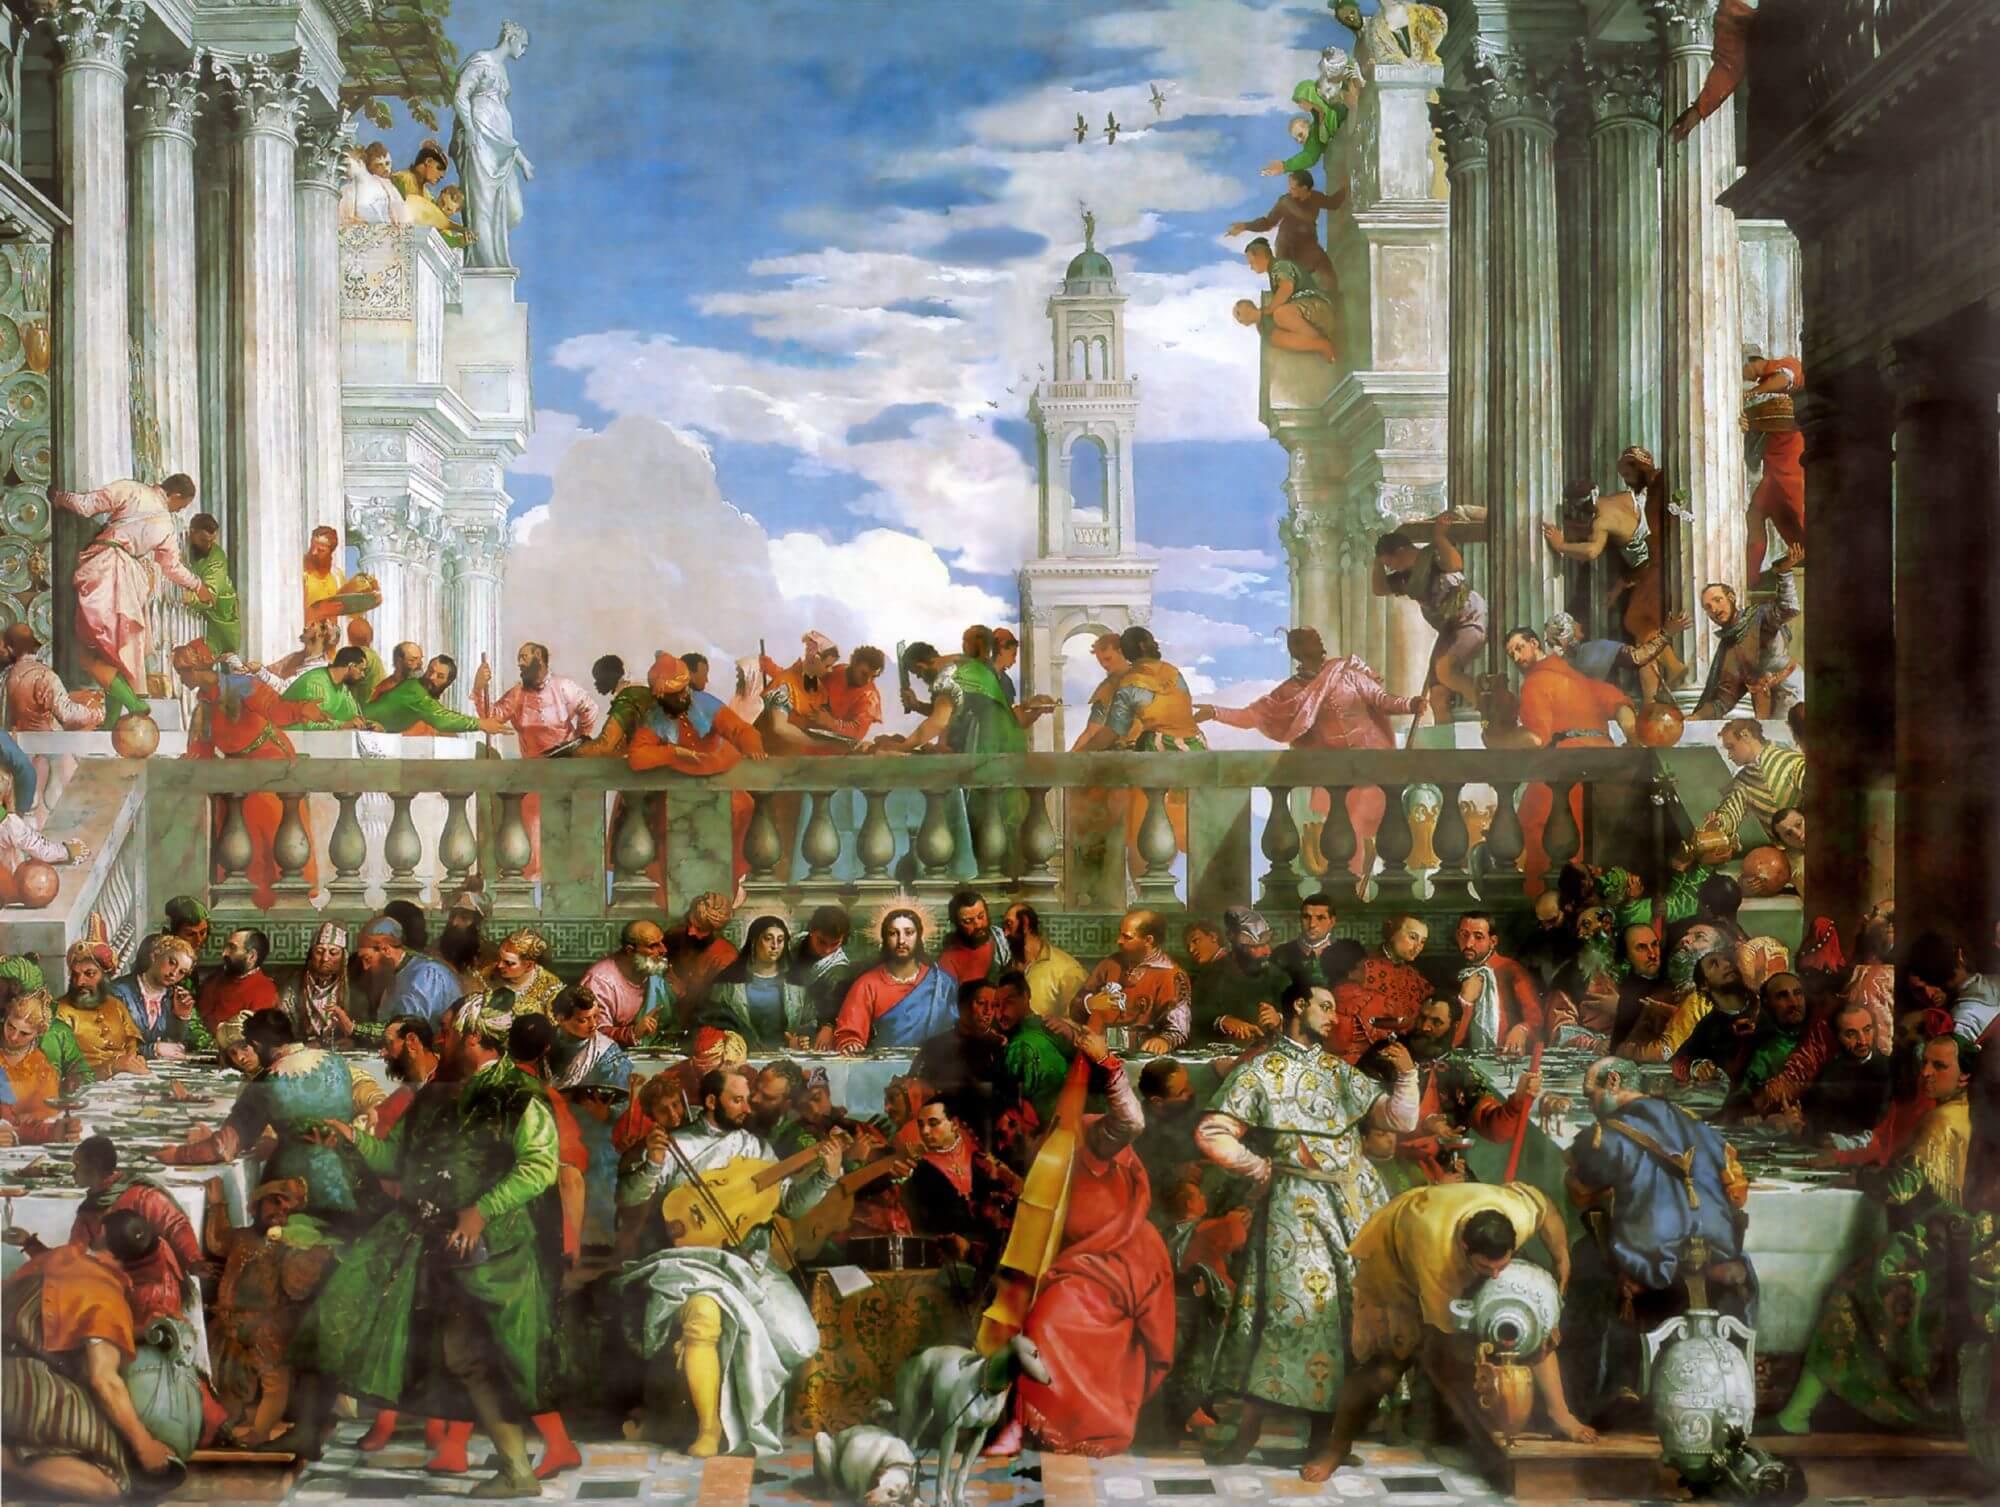 Veronese_Hochzeit_zu_Kana